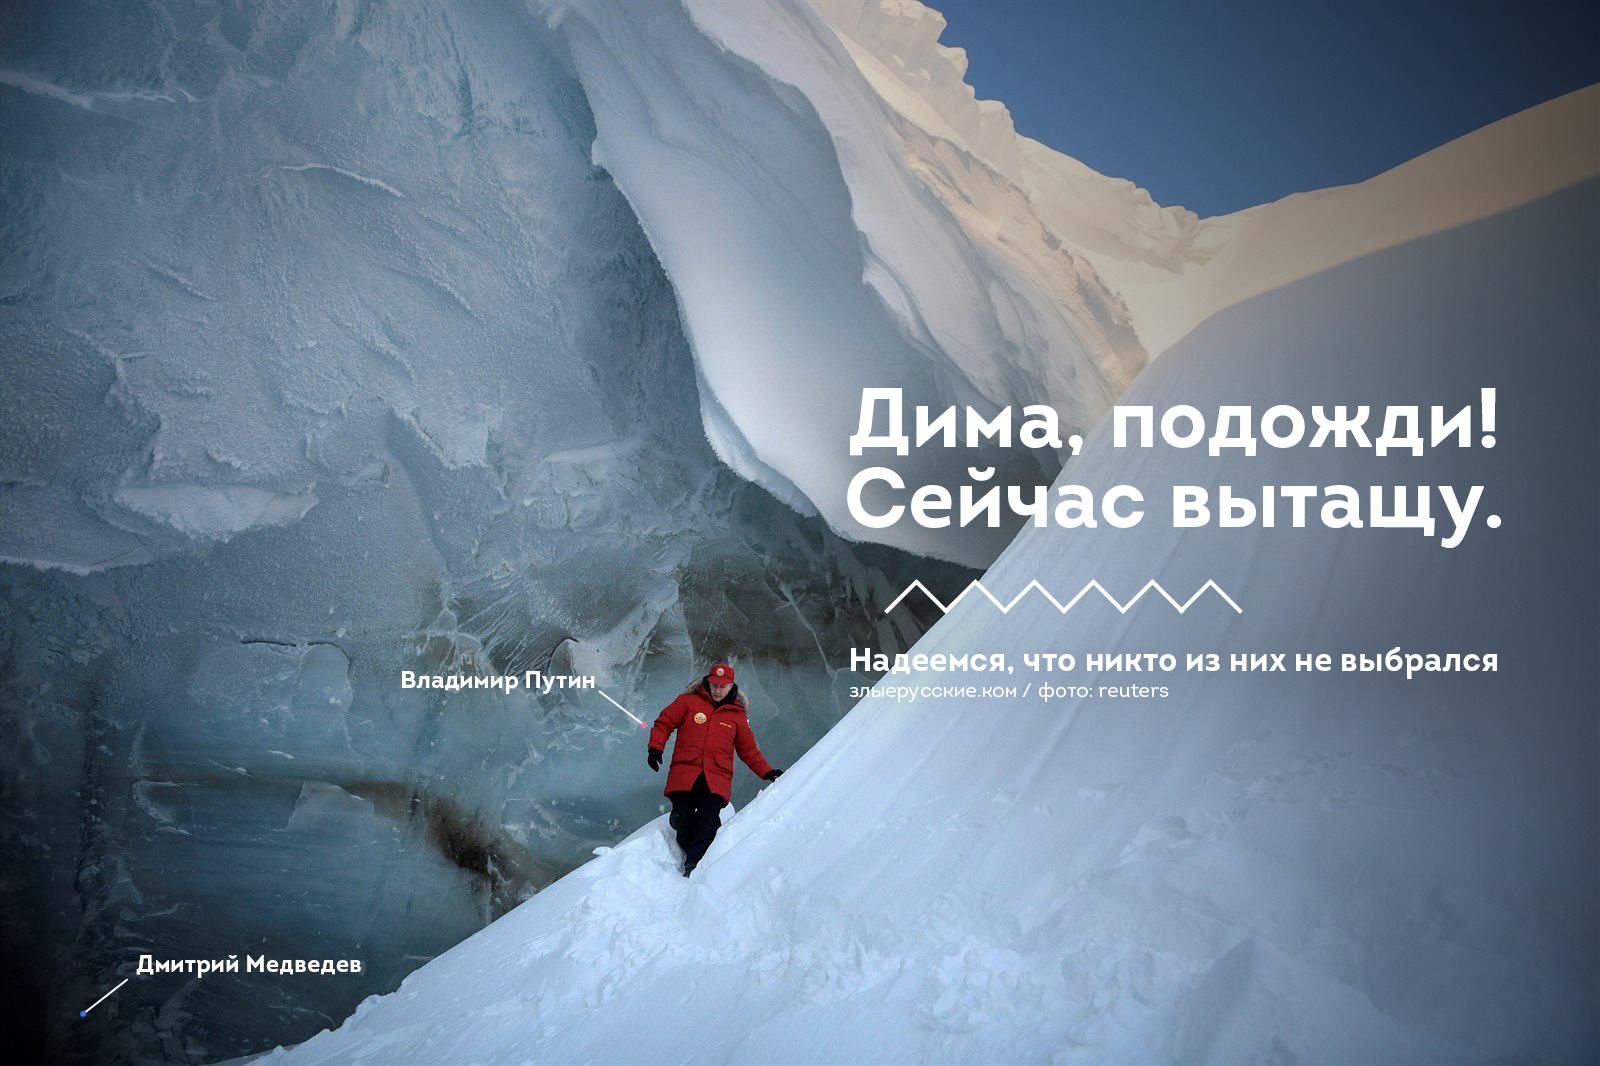 Понятный плакат: Путин вытаскивает Димона